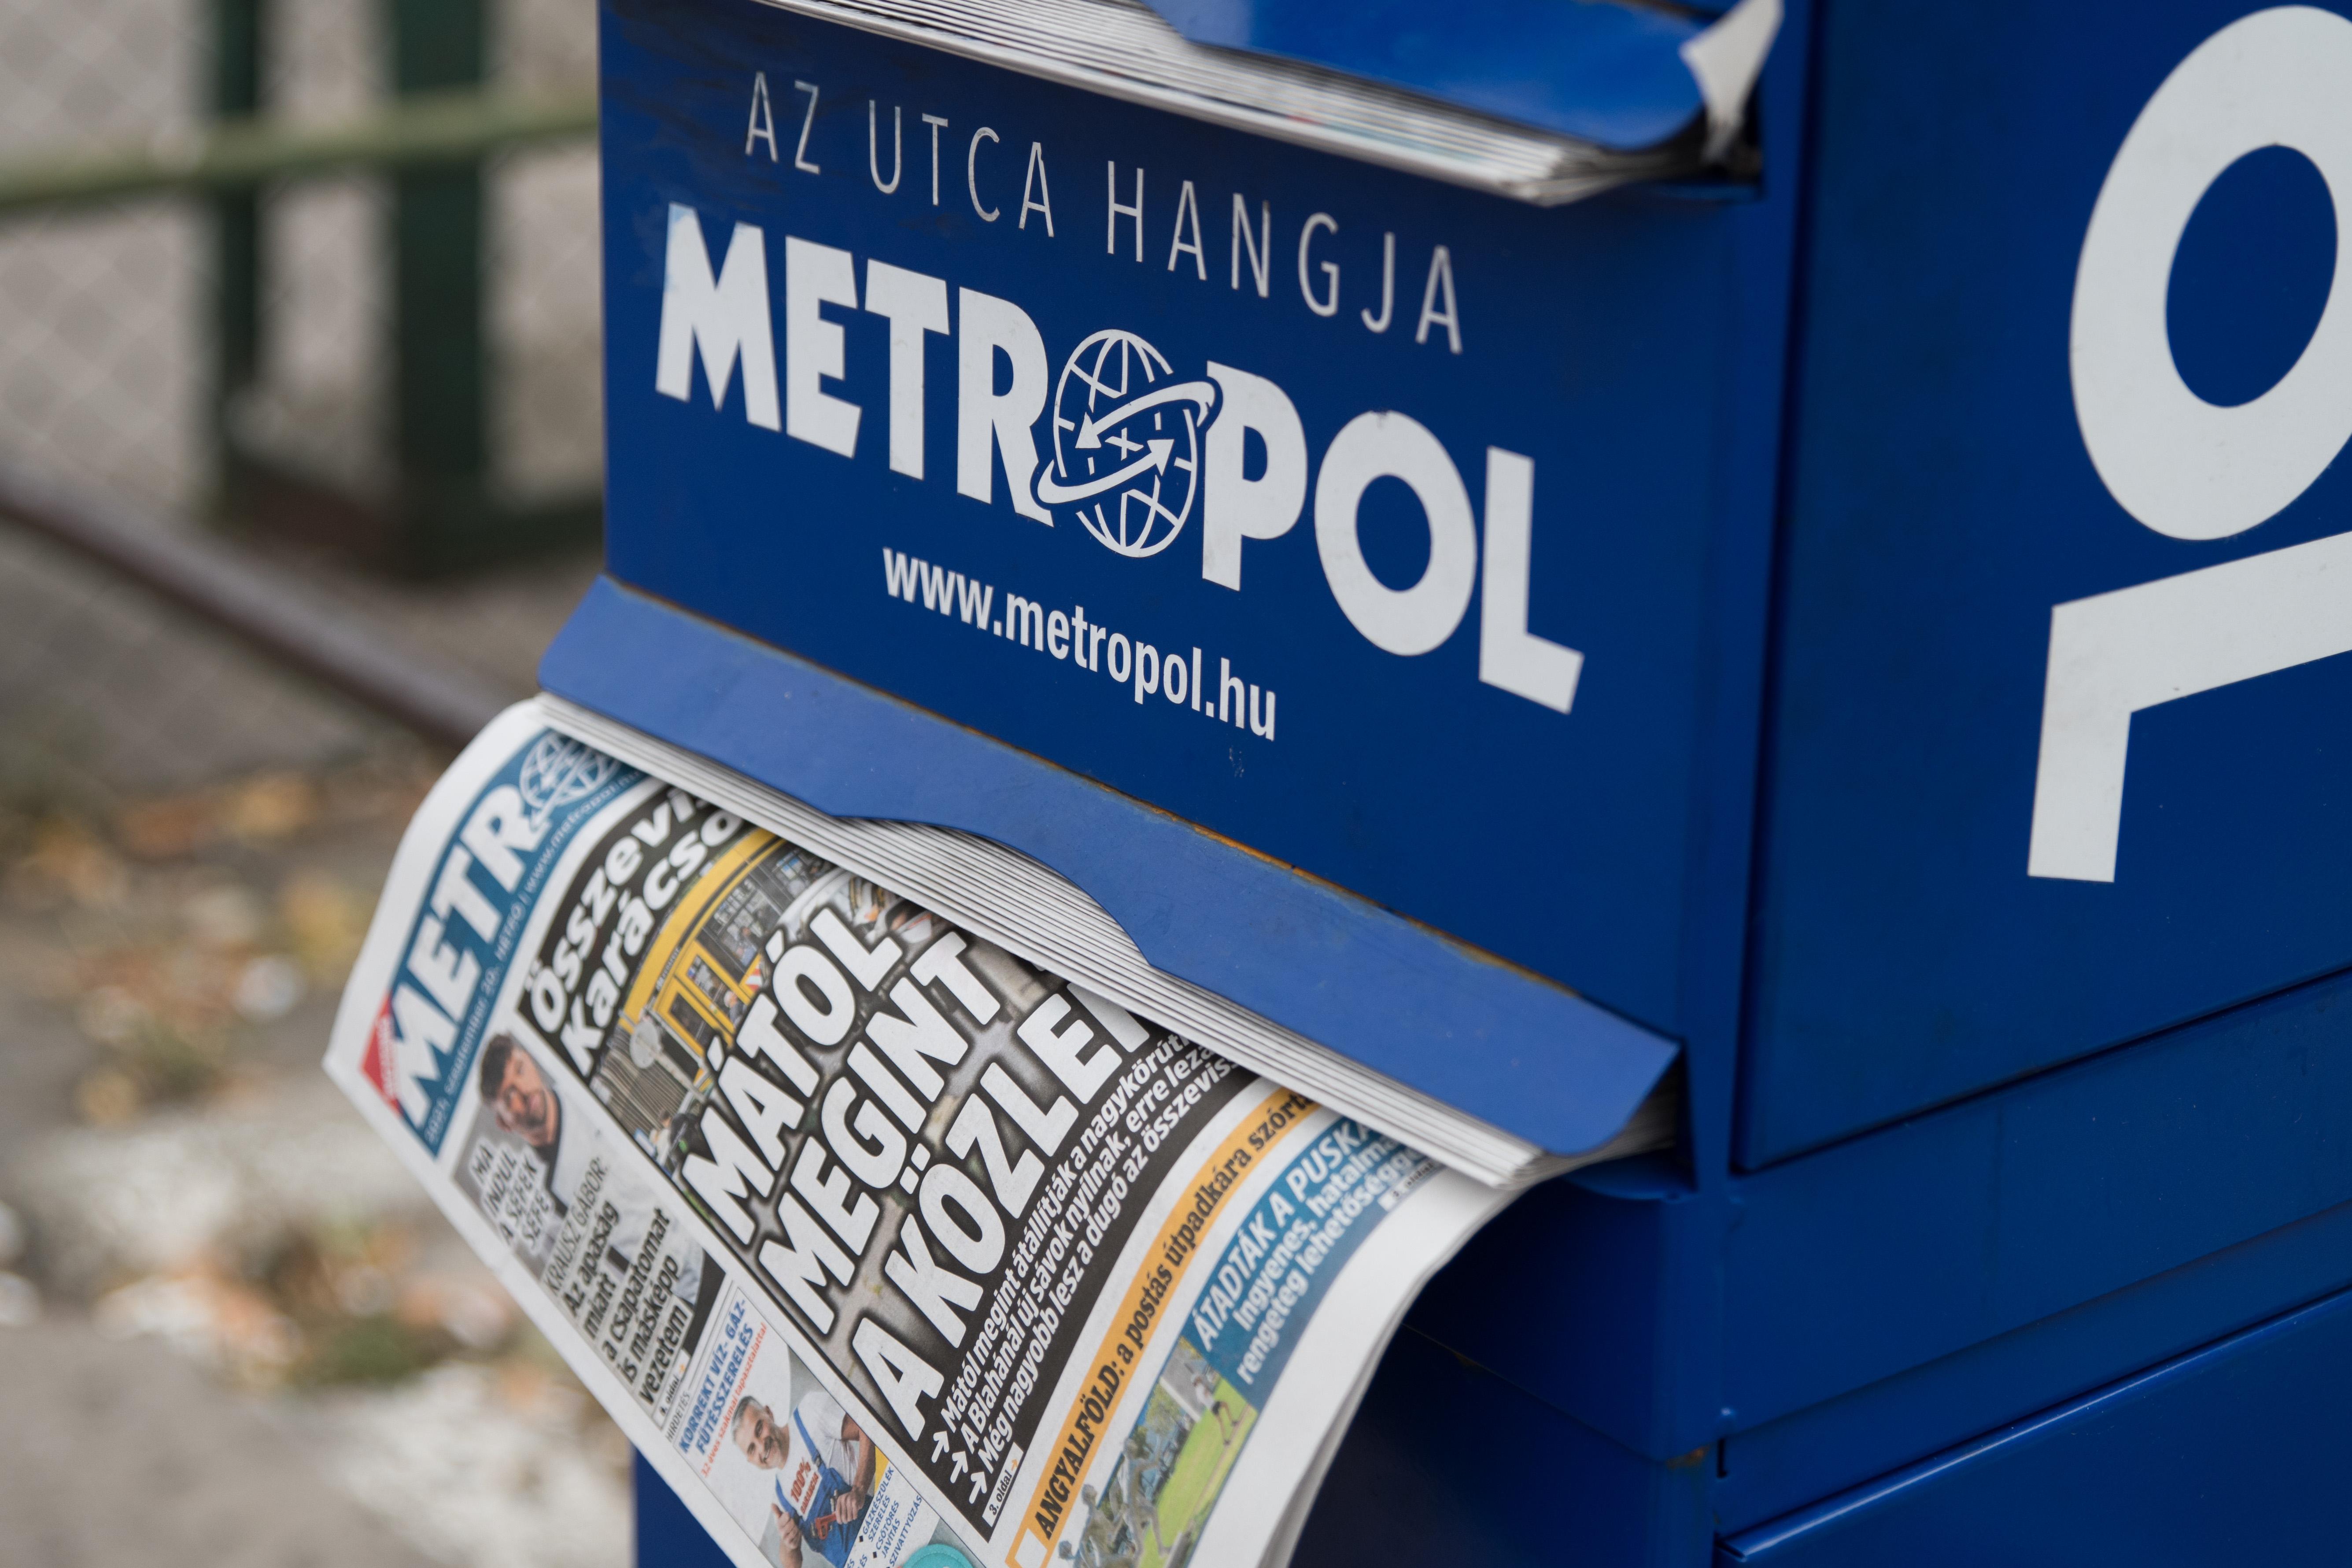 G7: A napilappiac a Fidesz kormányzása alatt szinte teljesen leépült